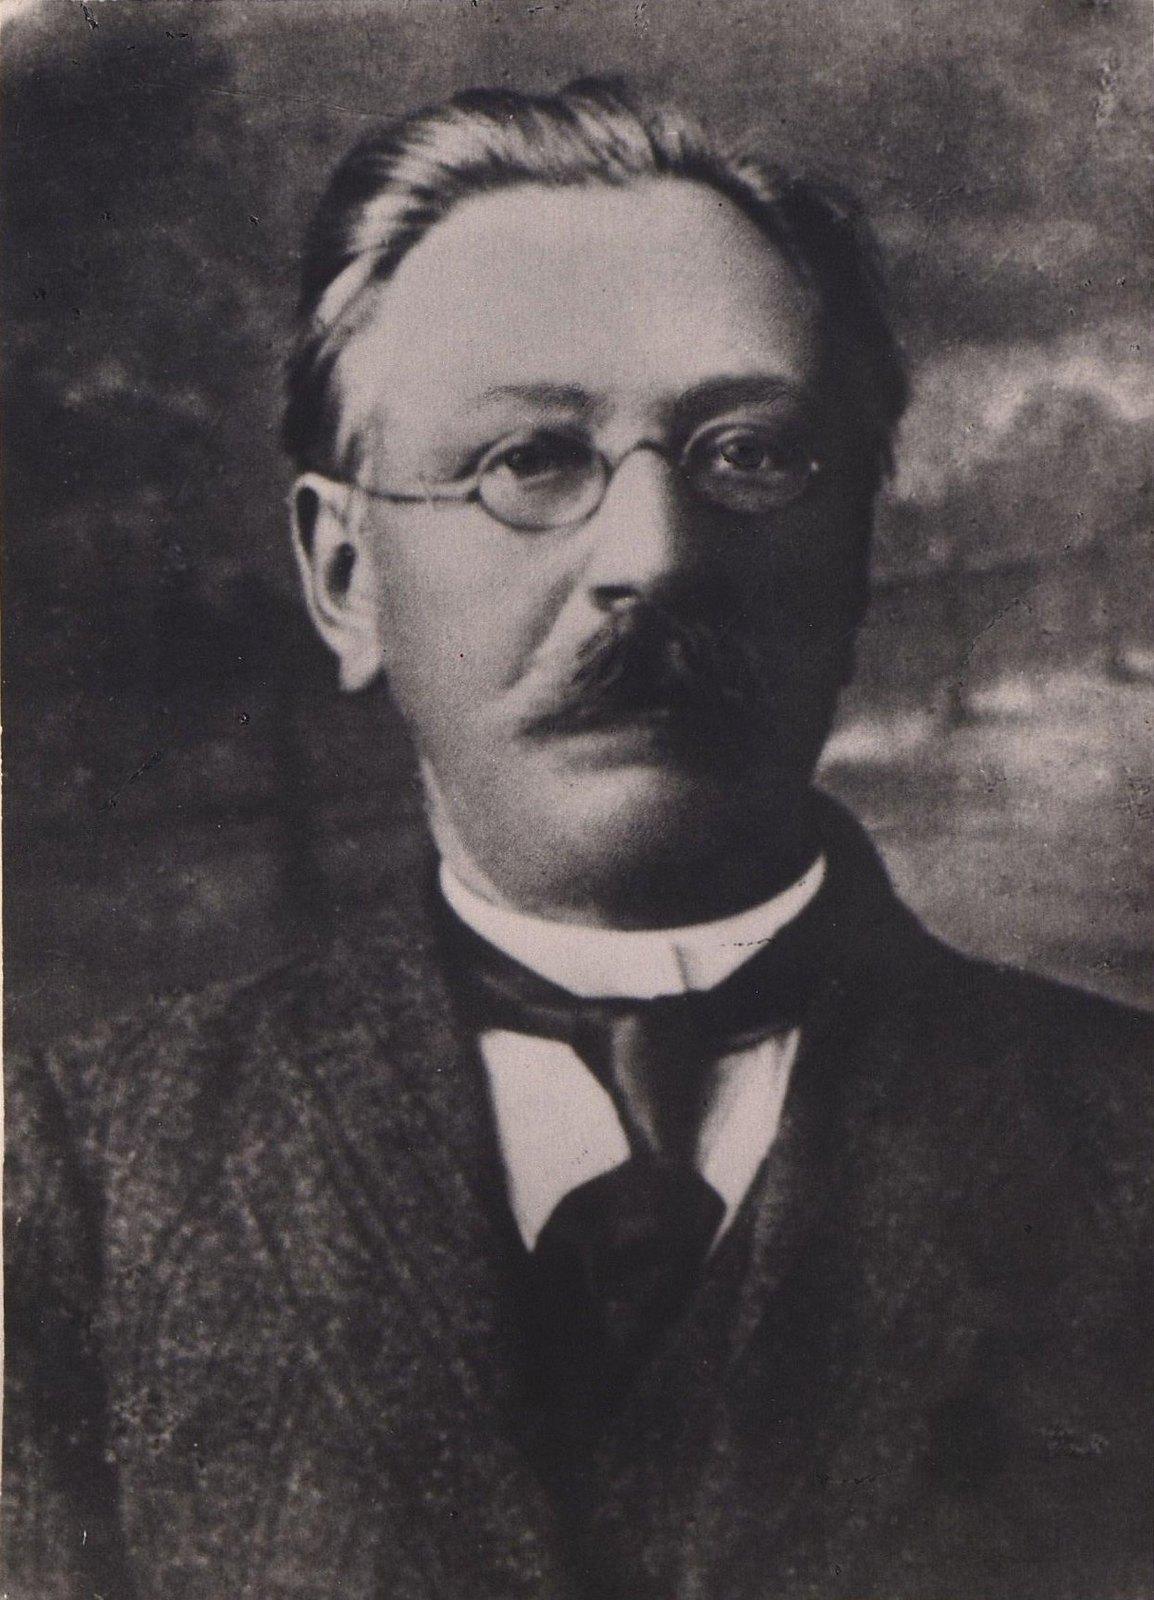 Тимченко Иосиф Андреевич, изобретатель-самоучка, работавший техником в Новороссийском университете в Одессе в конце XIX - начале XX вв. 1906-1910 гг.